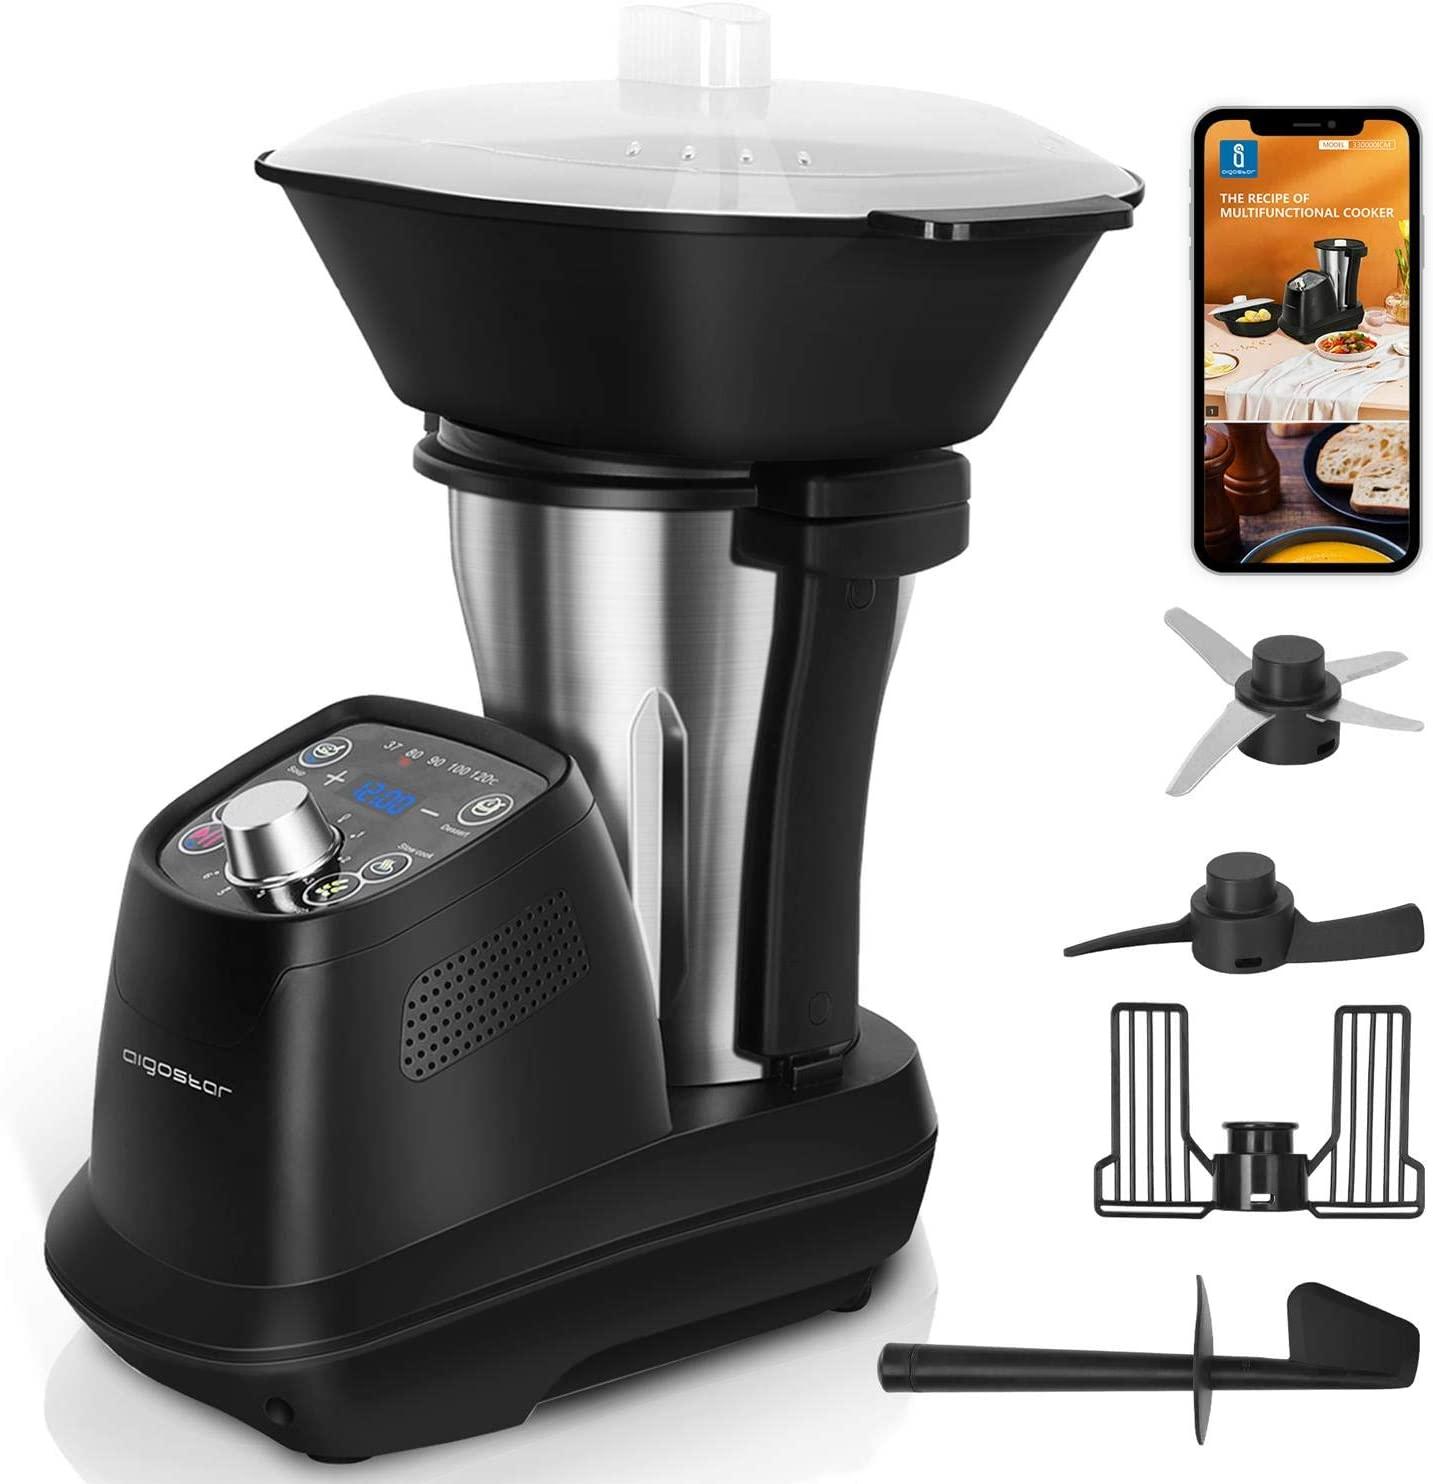 robot-de-cocina-aigostar-power-cook.jpg